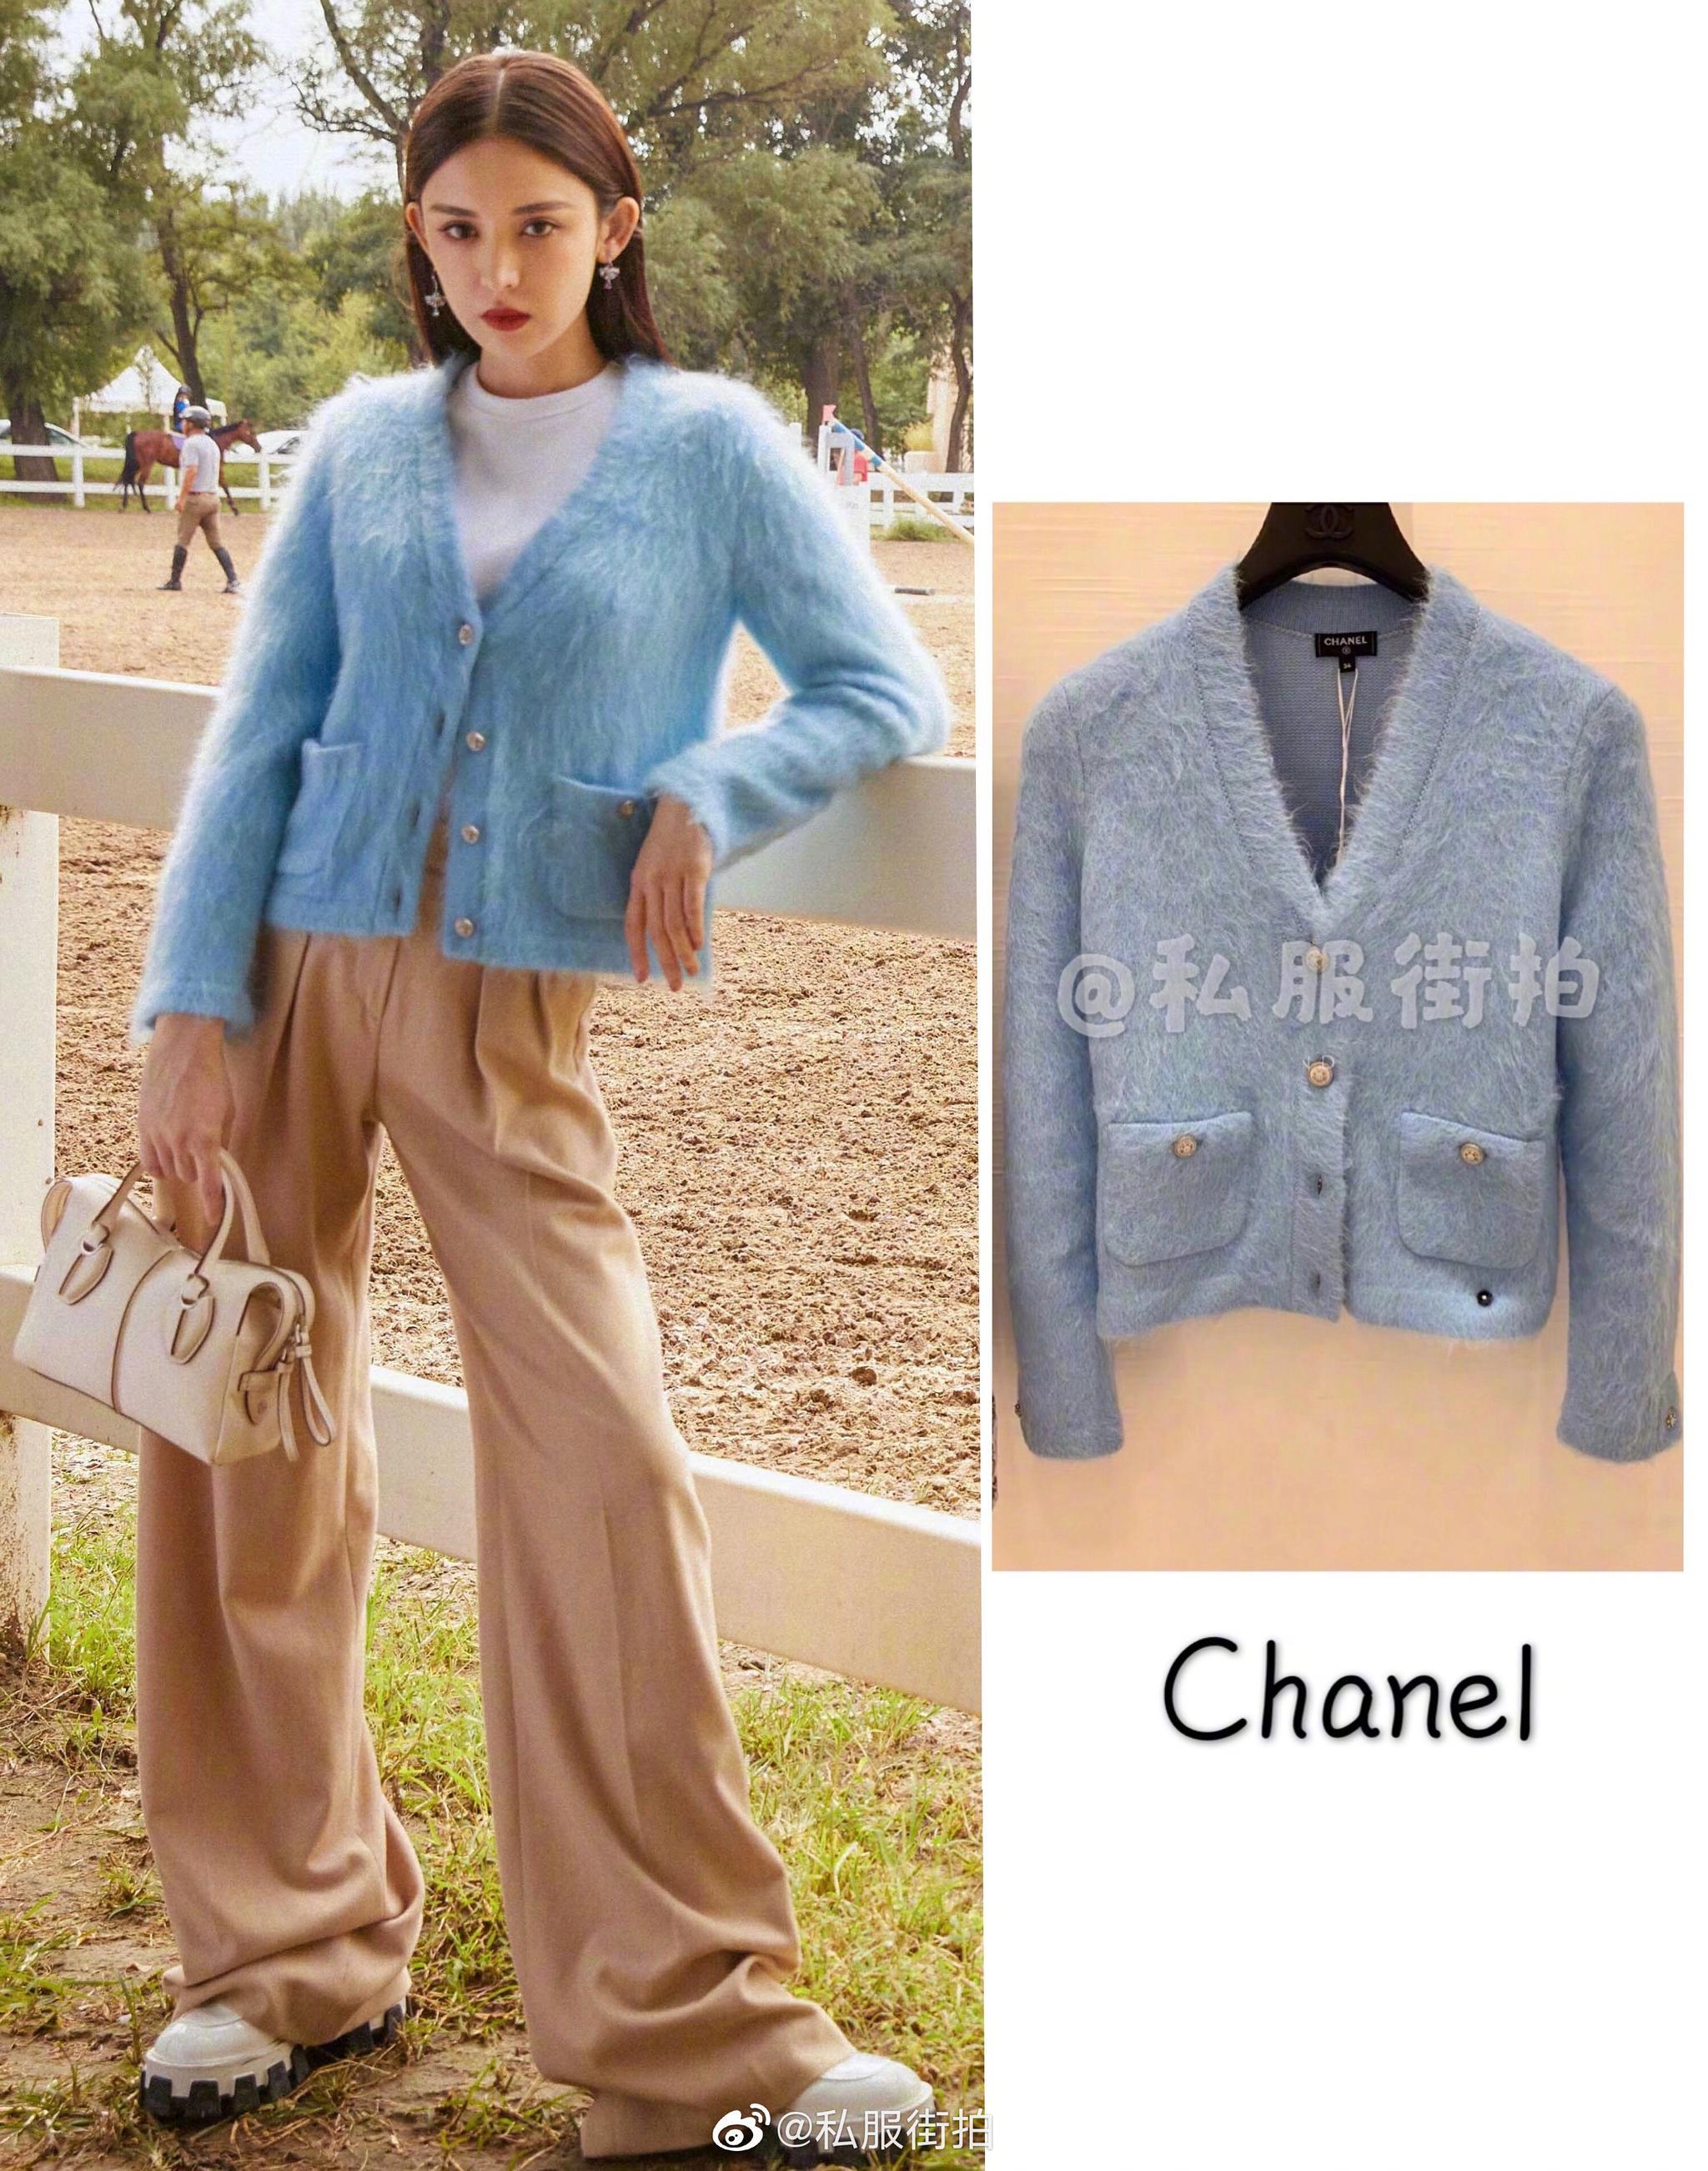 古力娜扎身穿蓝色针织外套拍摄画报,与金高银撞衫